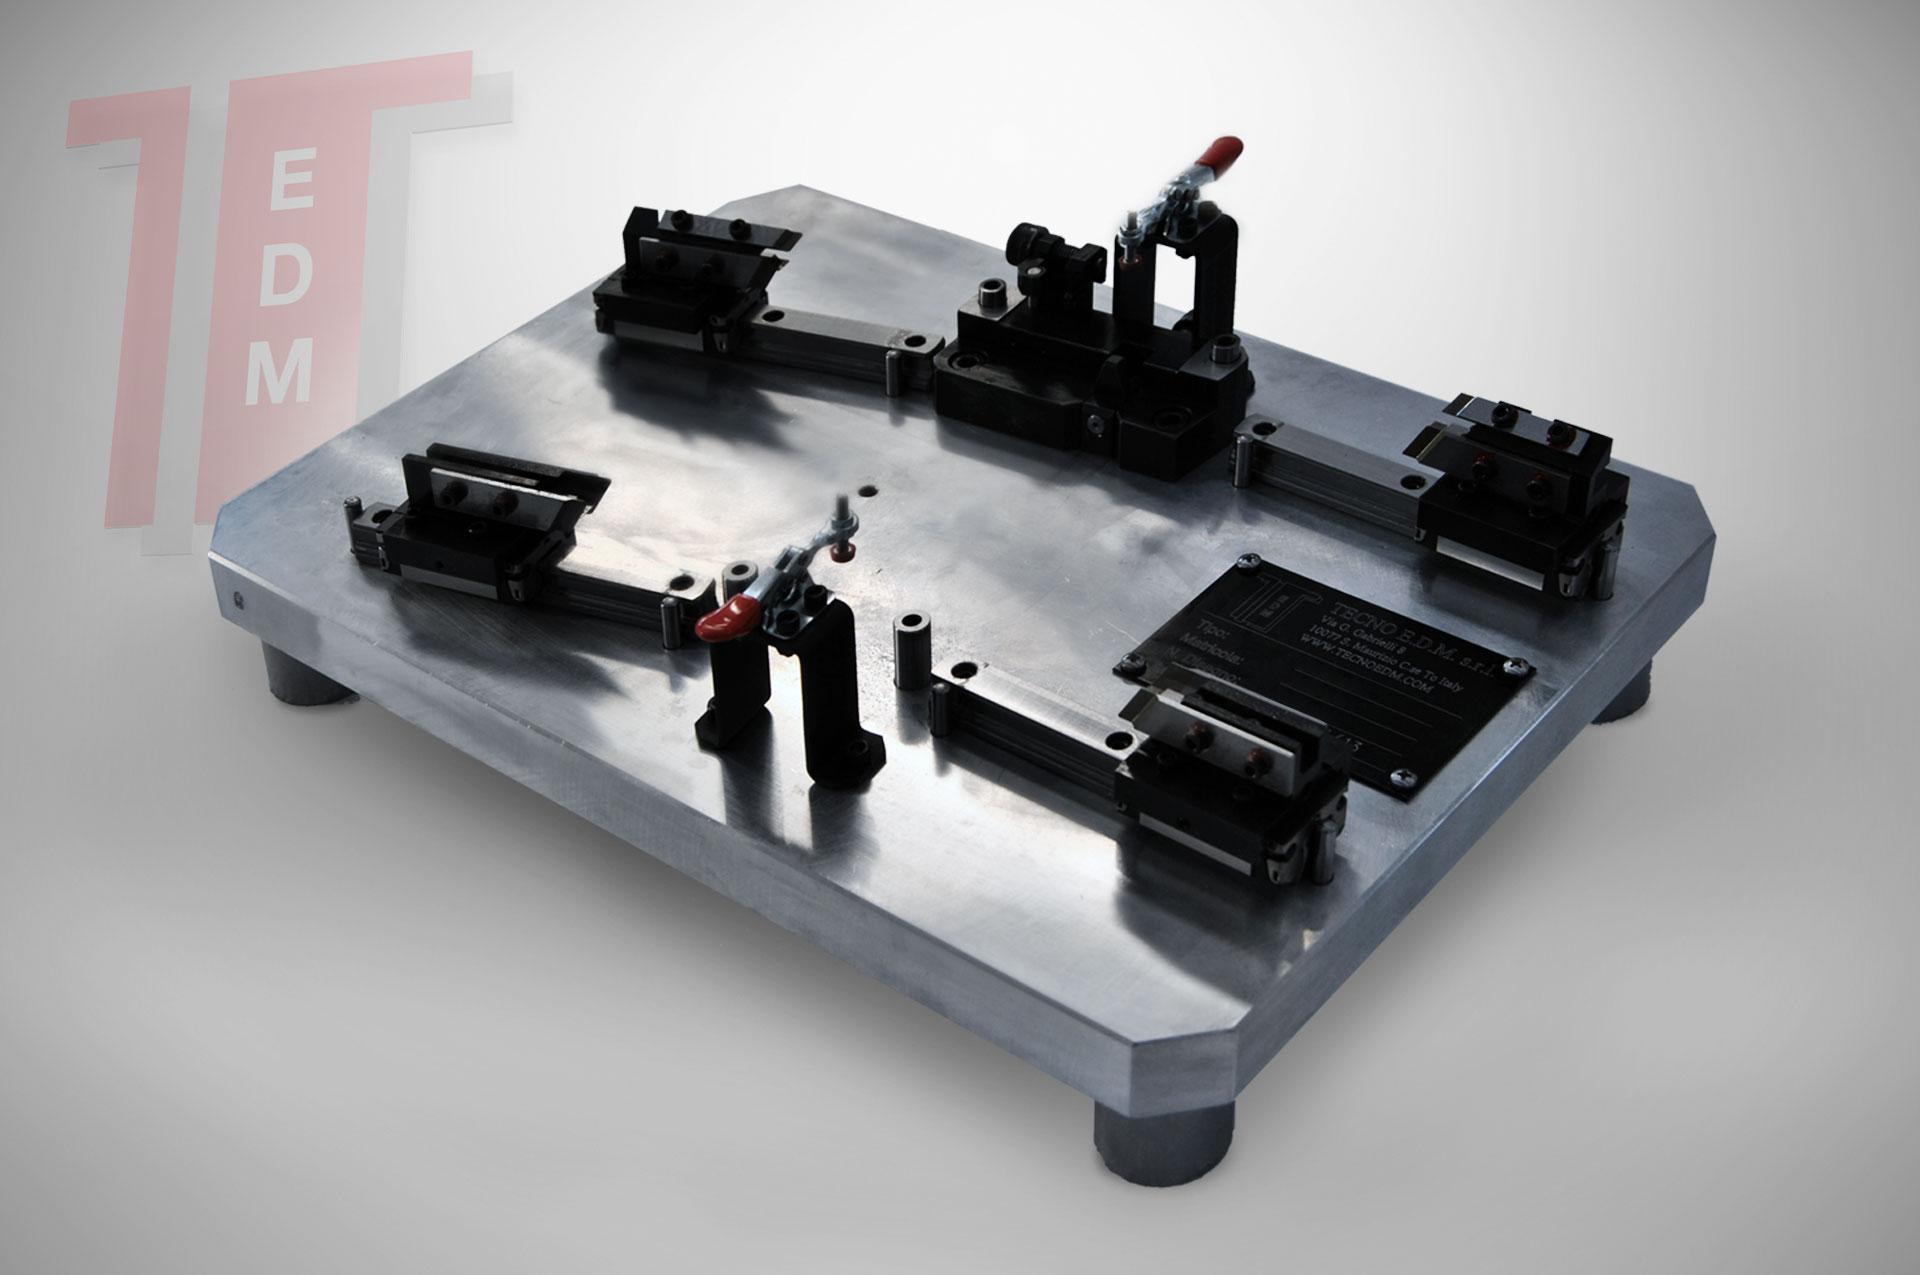 porta elettrodo attrezzature EDM attrezzature per edm